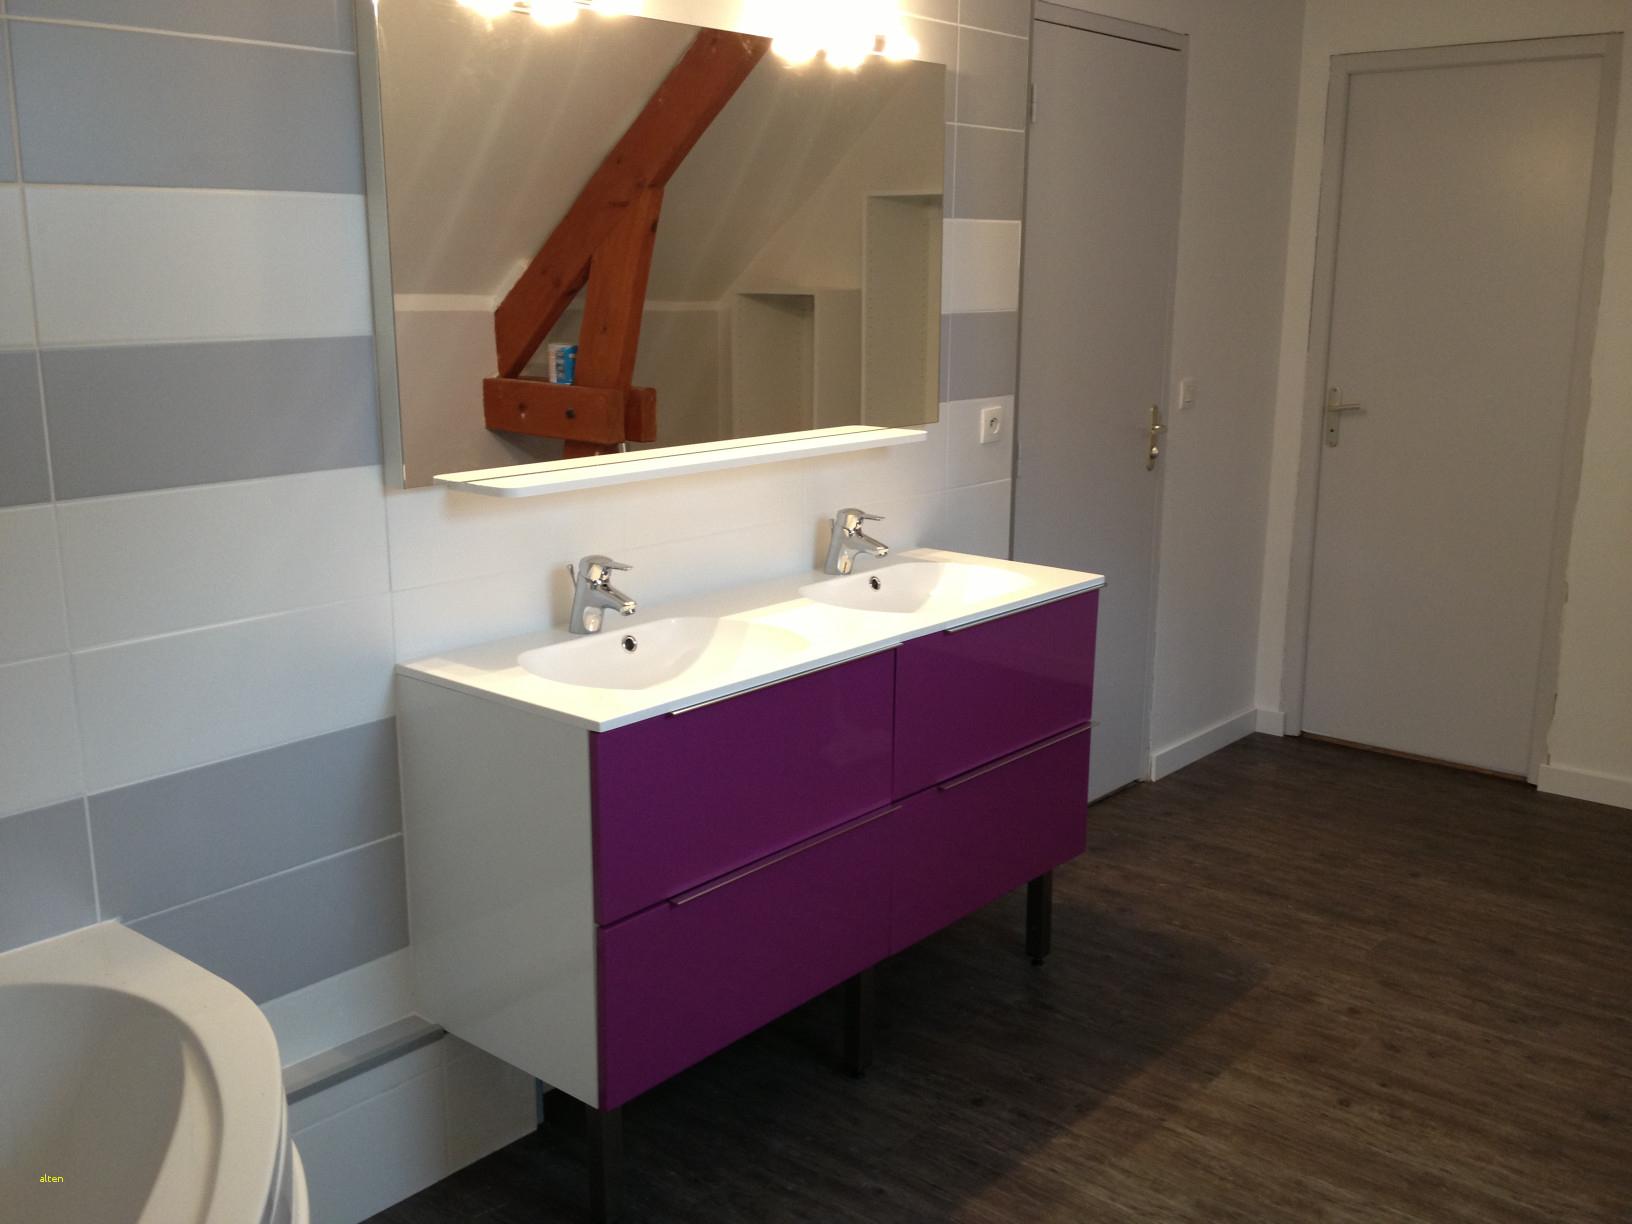 credence salle de bain ikea frais photos credence salle de. Black Bedroom Furniture Sets. Home Design Ideas